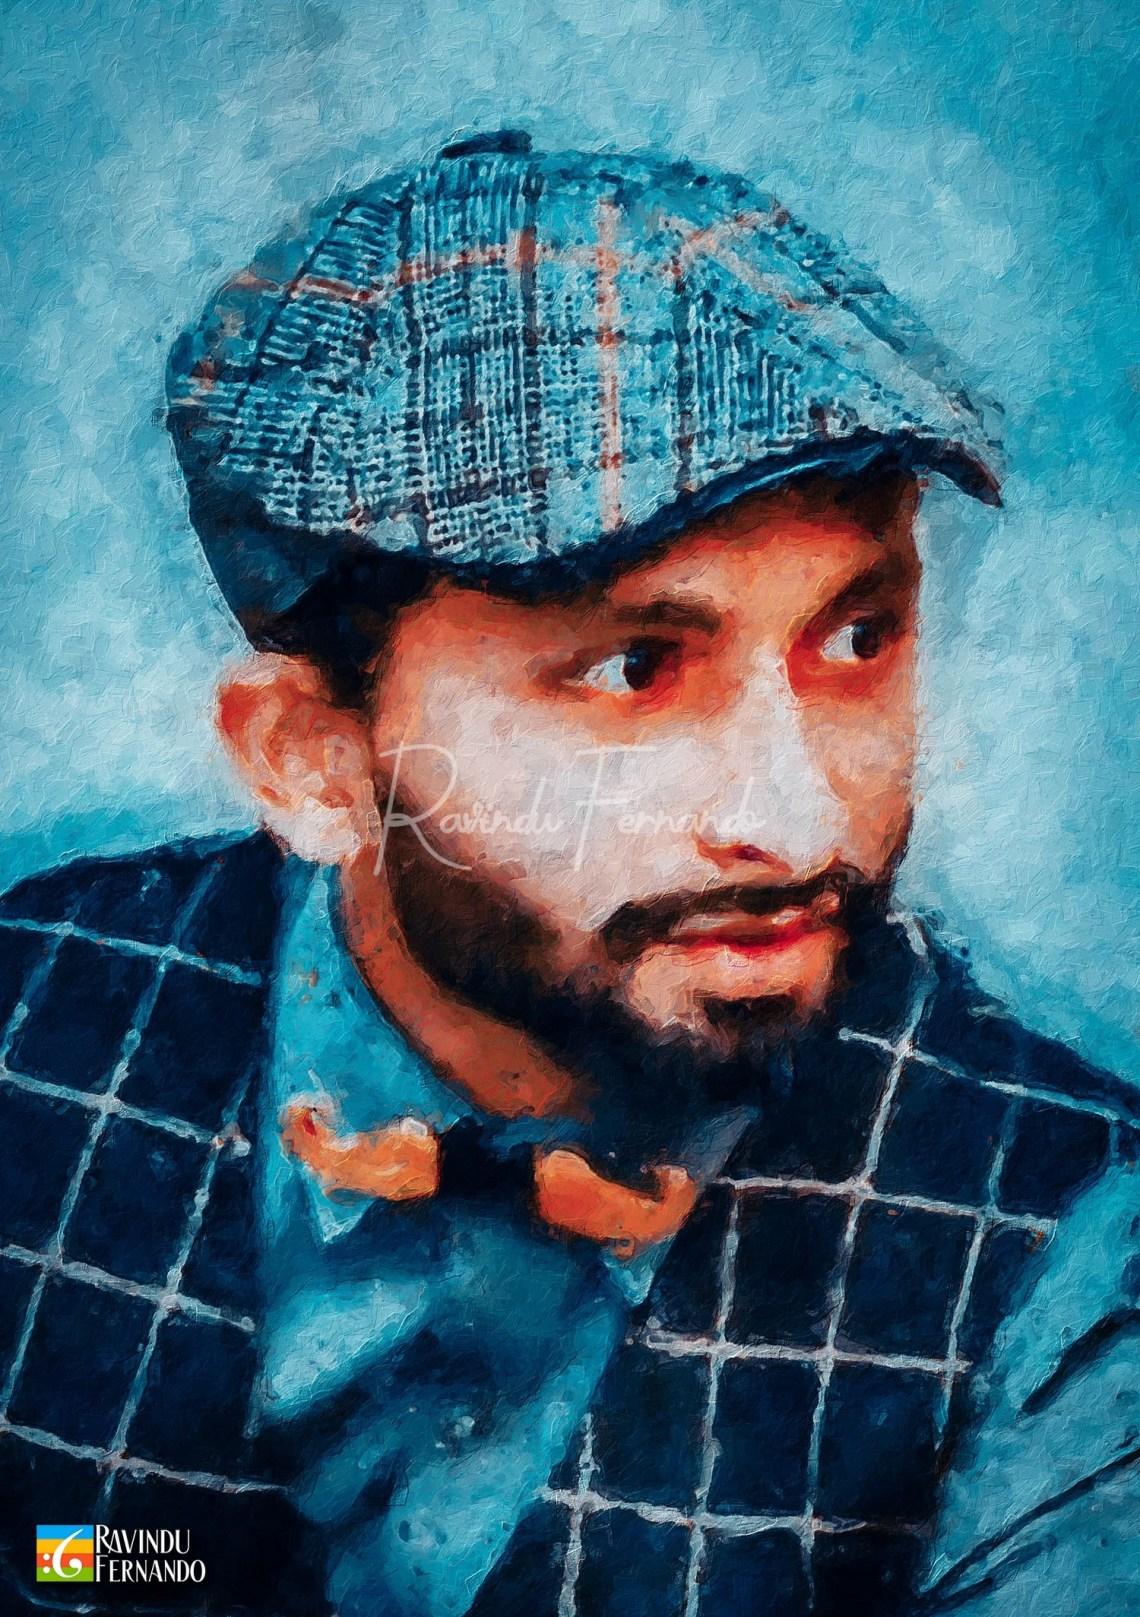 Viraj Wanniarachchi Digital Oil Painting by Ravindu Fernando